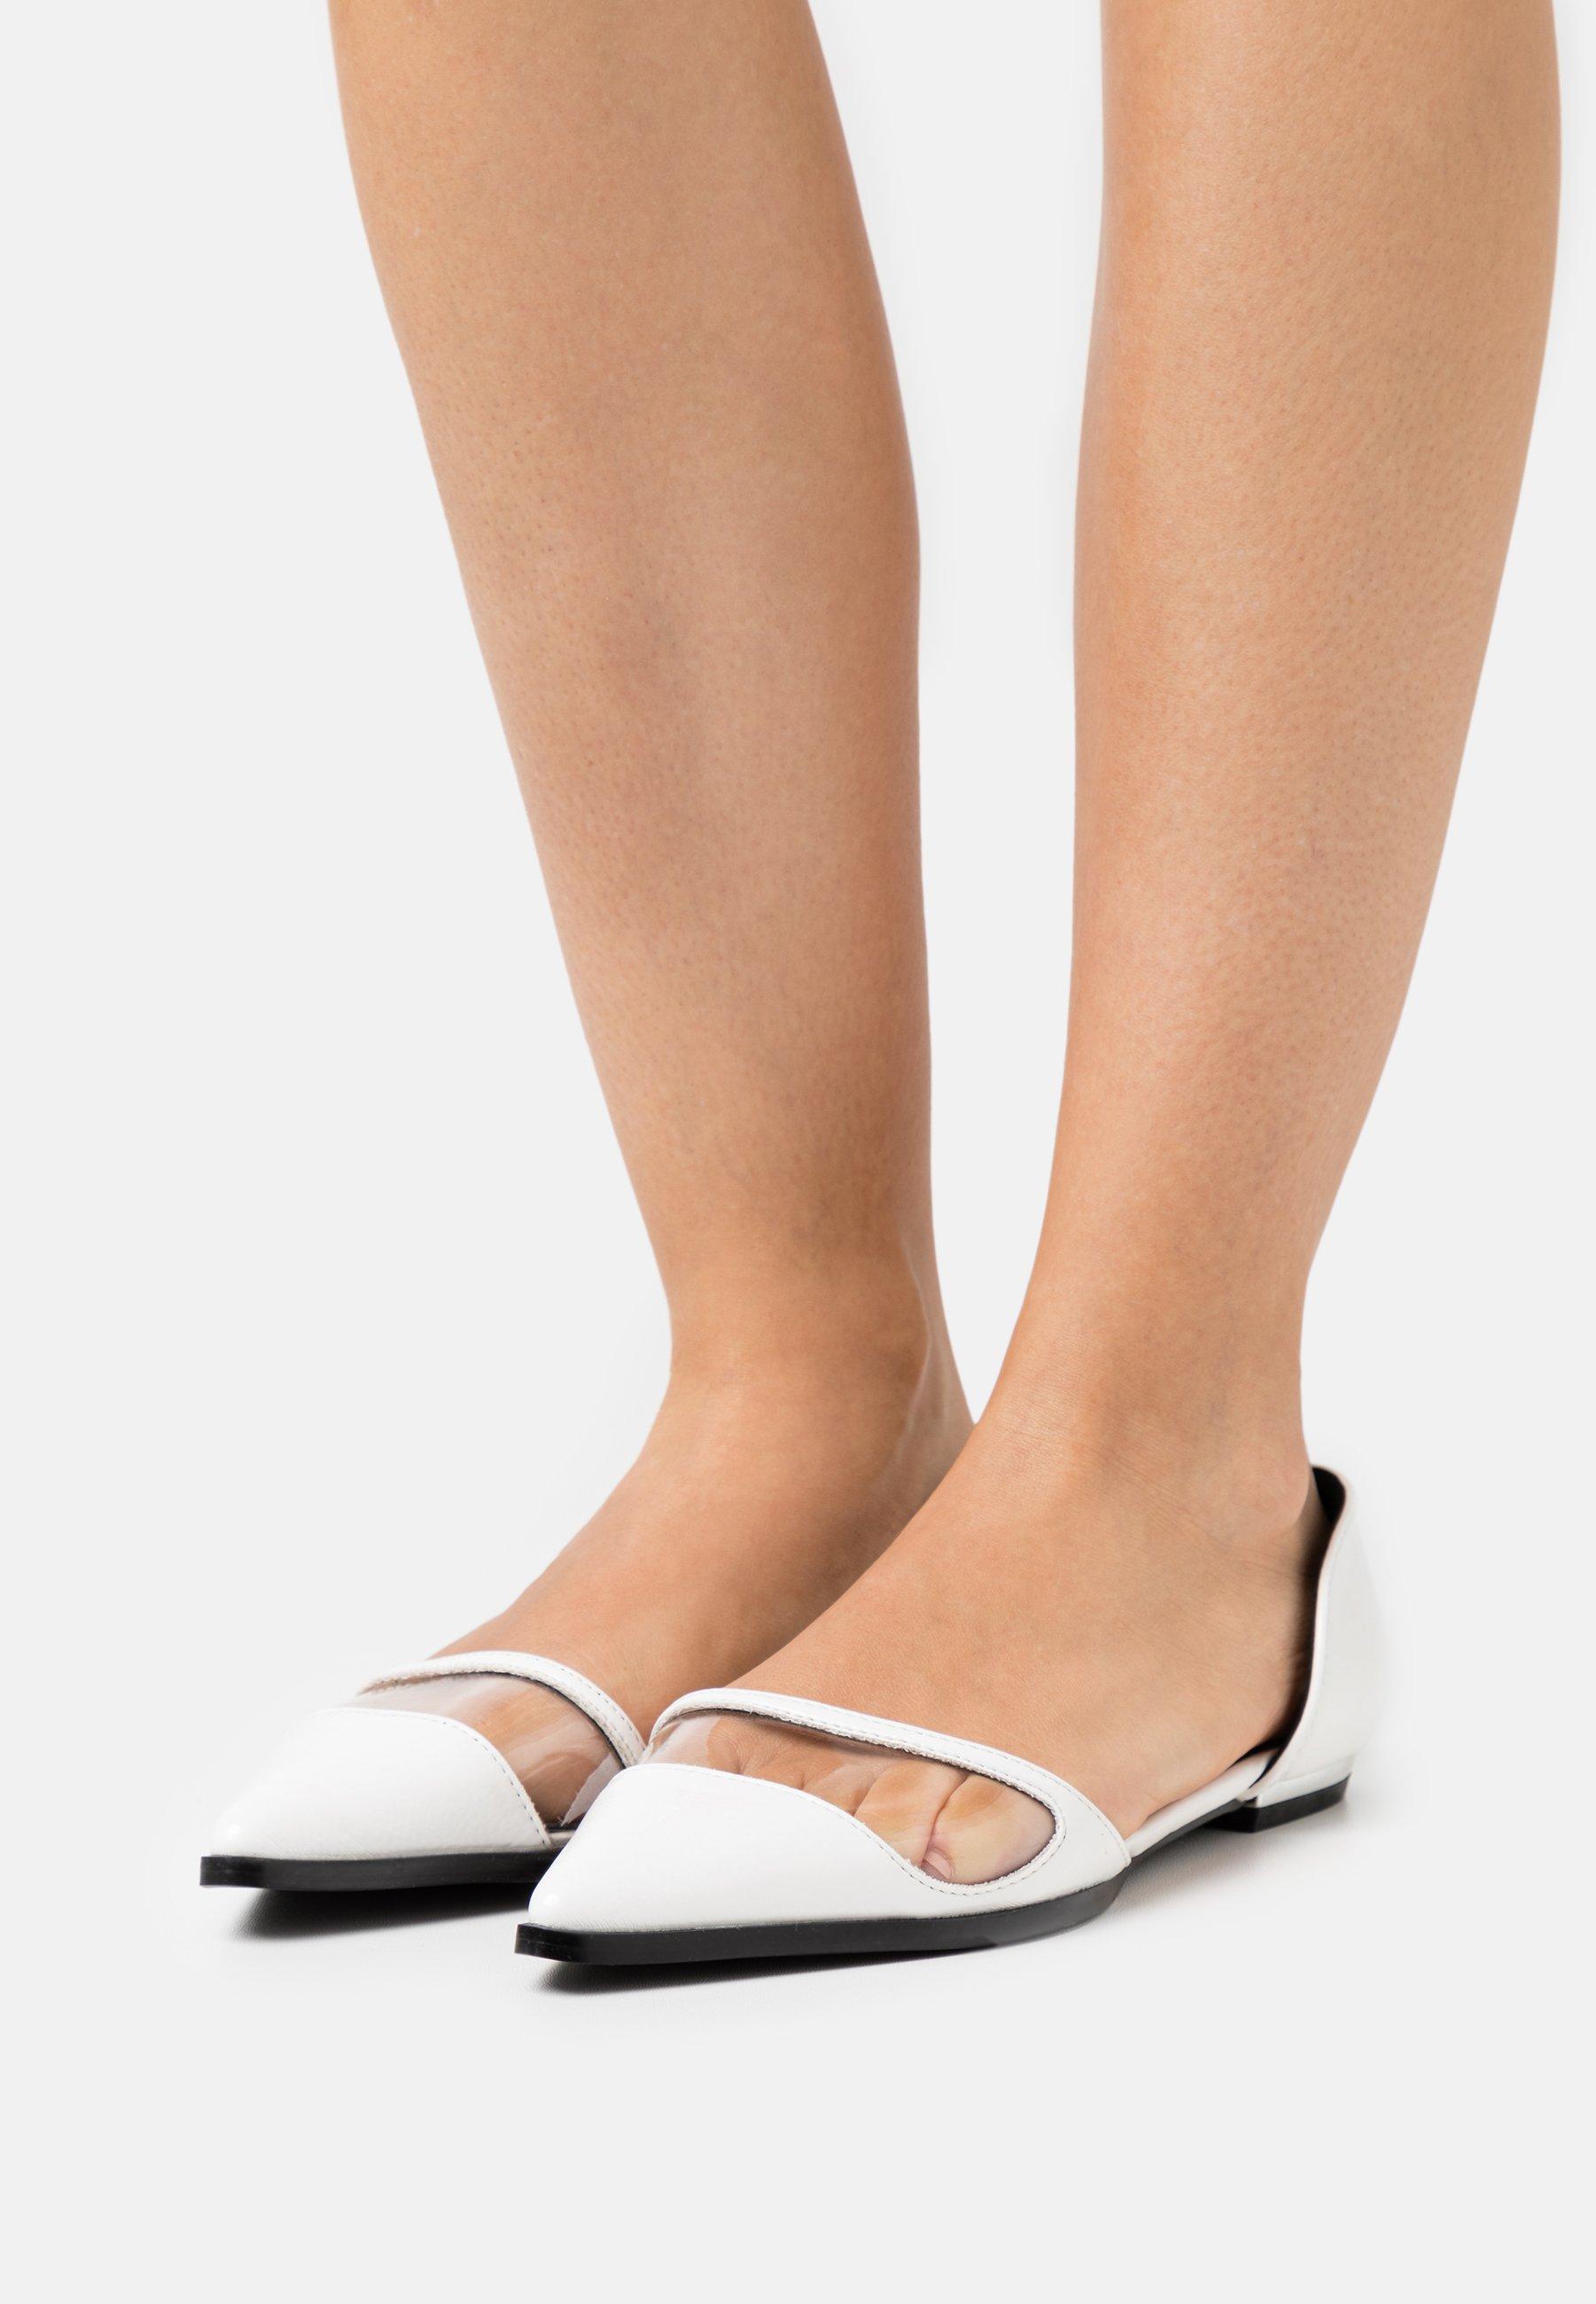 Women KAMILA - Ballet pumps - white